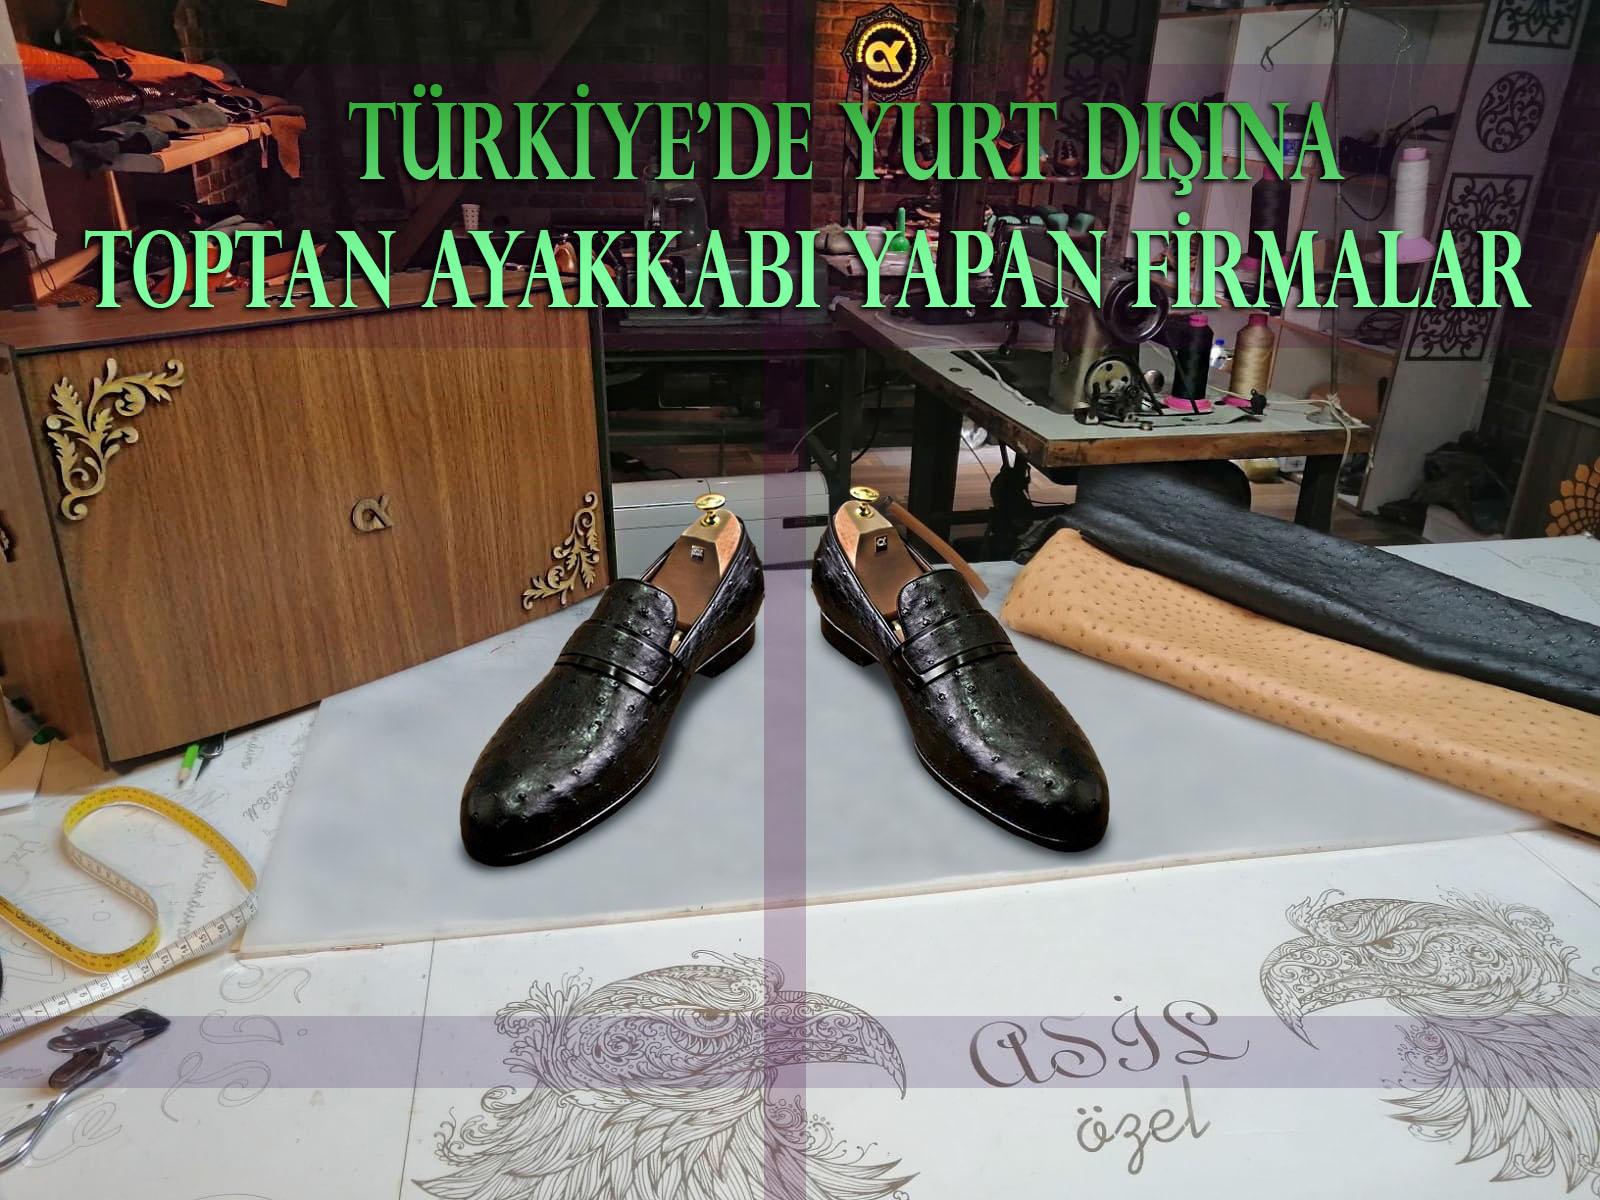 Türkiye'de Yurt Dışına Toptan Ayakkabı Yapan Firmalar